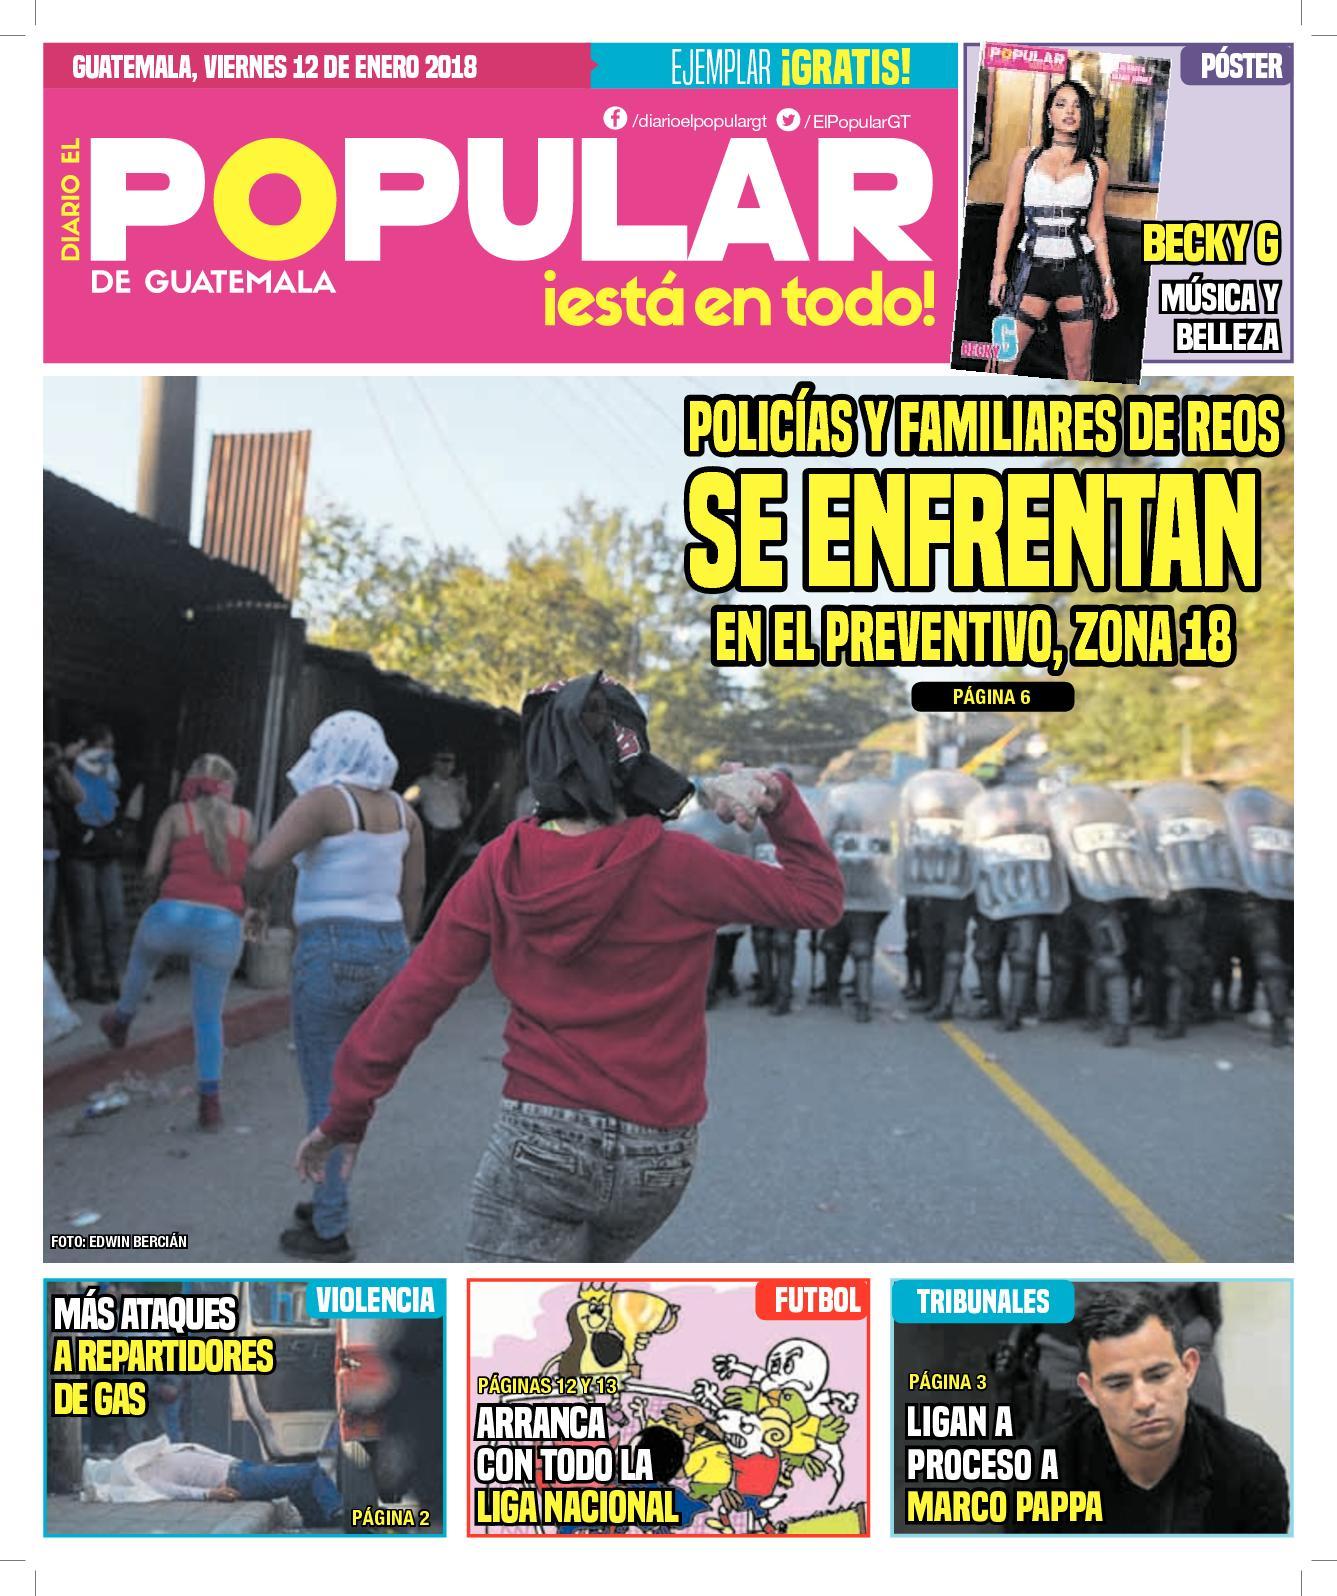 EL POPULAR GUATEMALA 12012018